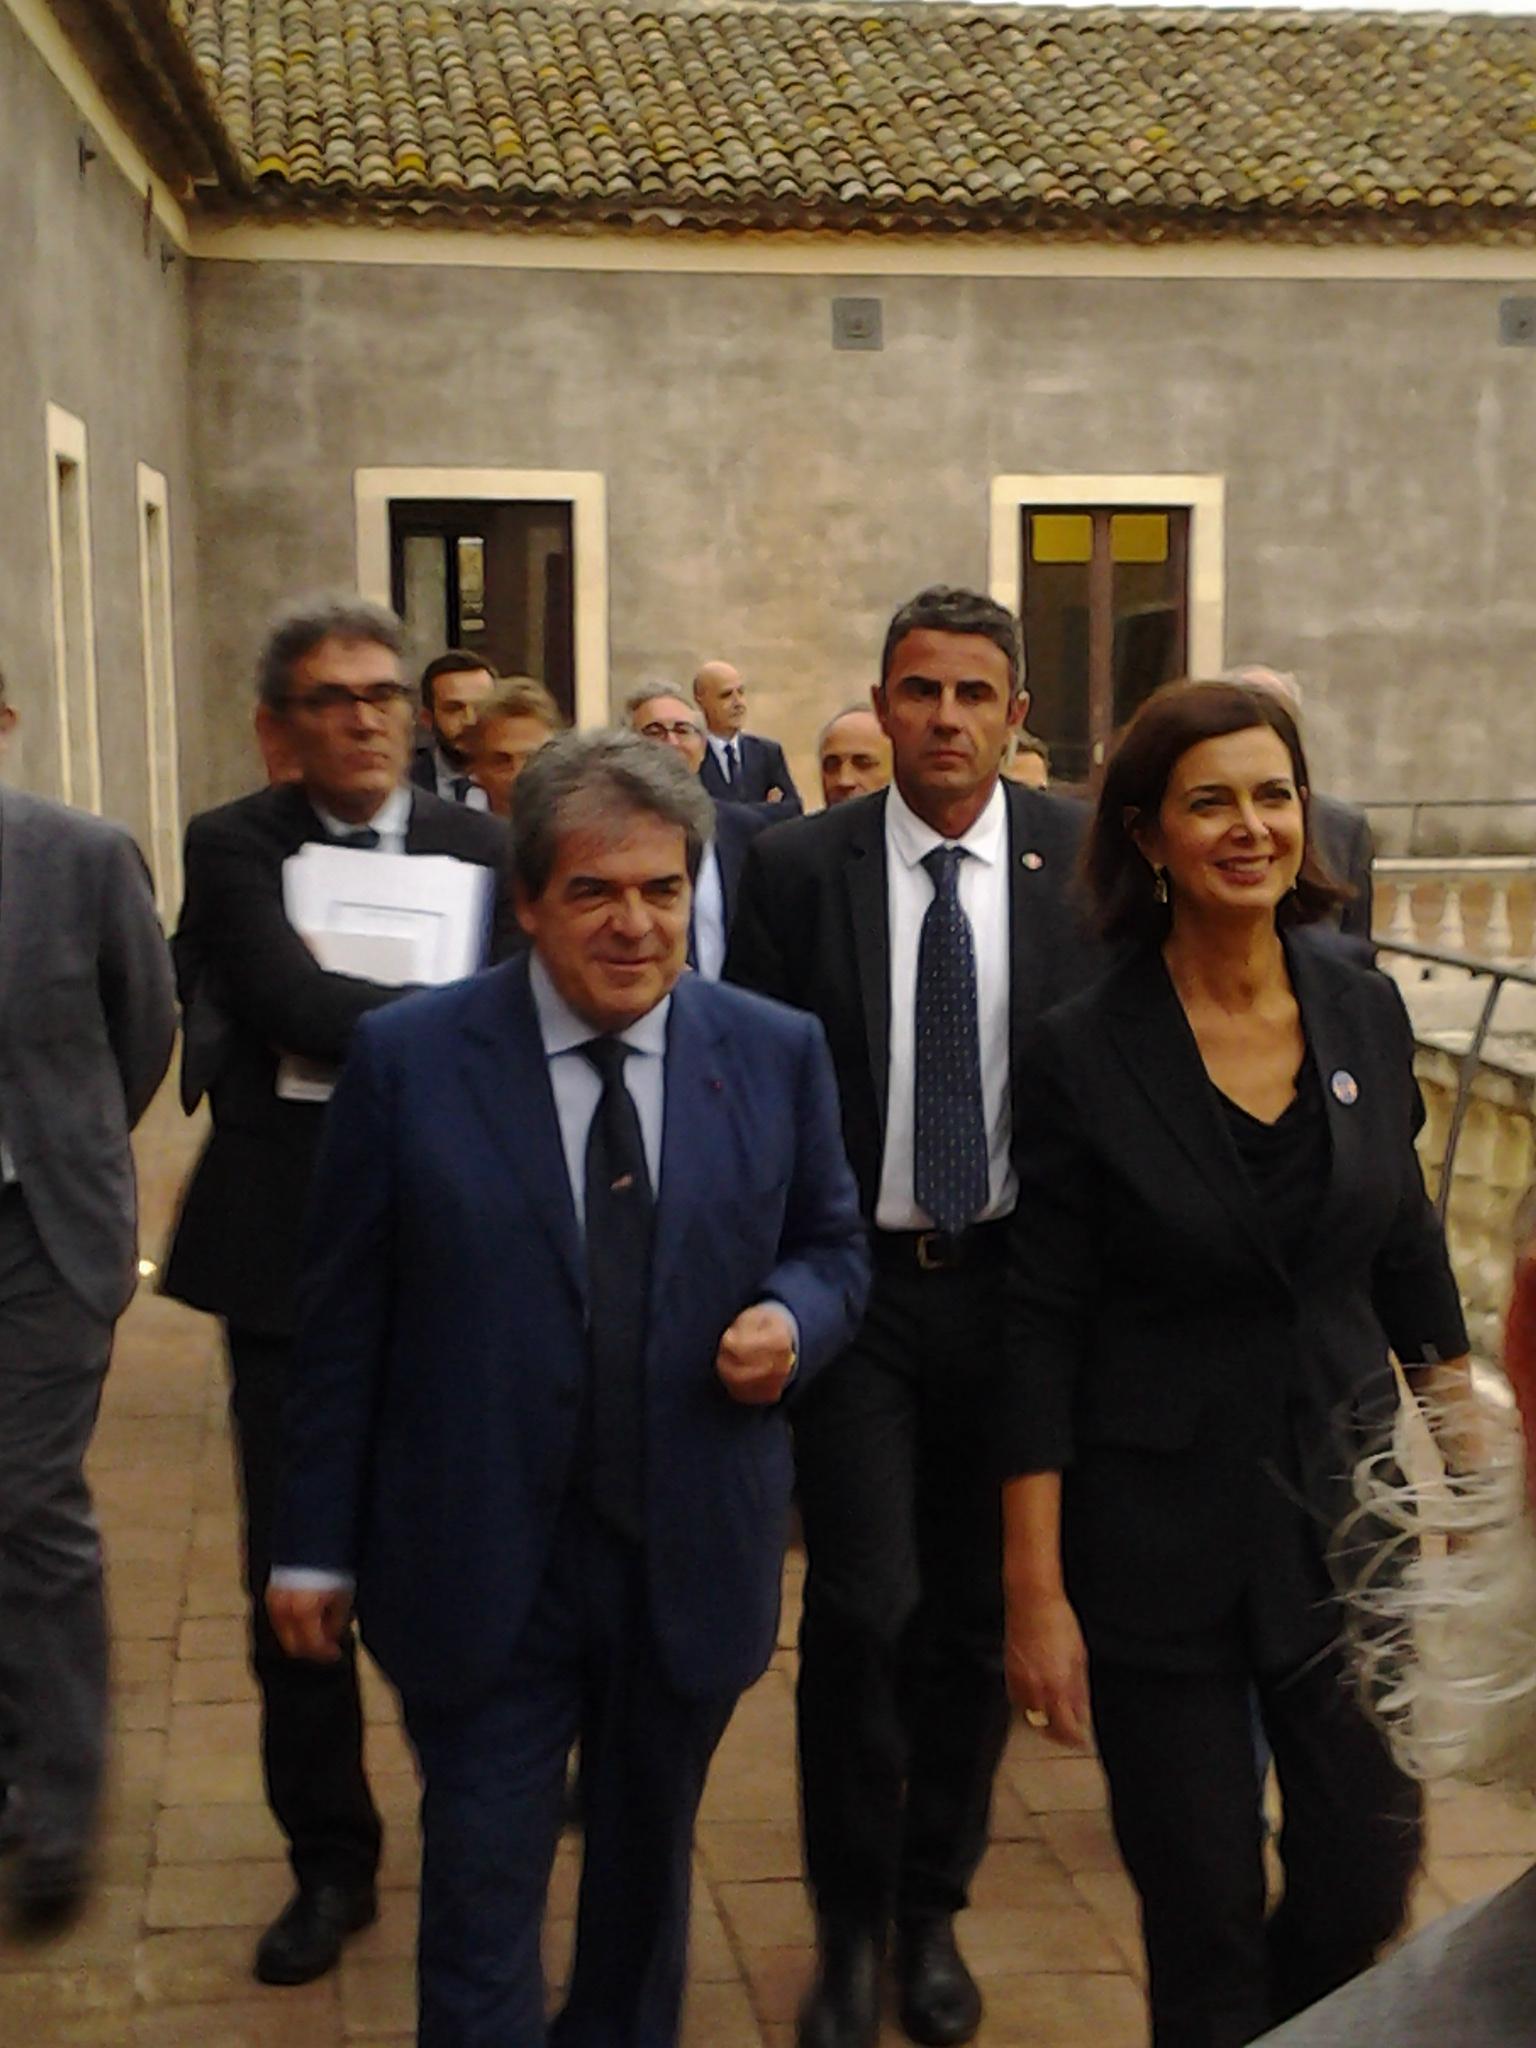 Il sindaco di Catania, Enzo Bianco, e la presidente della Camera, Laura Boldrini, a Palazzo della Cultura di Catania